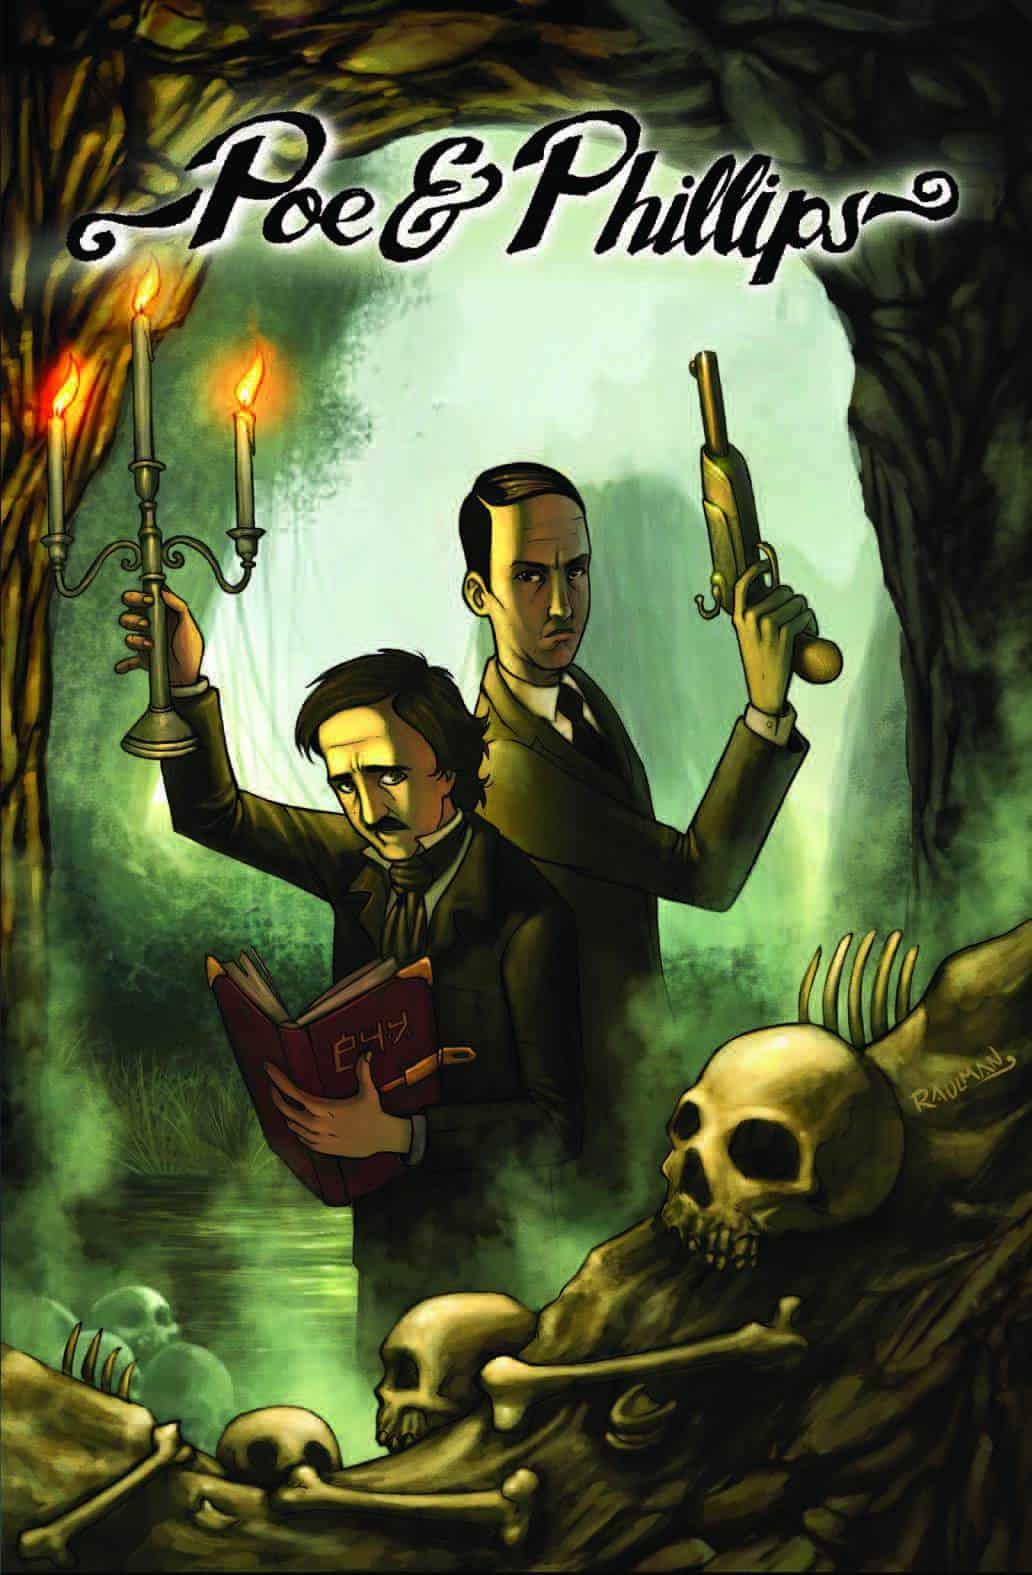 Poe & Phillips 2